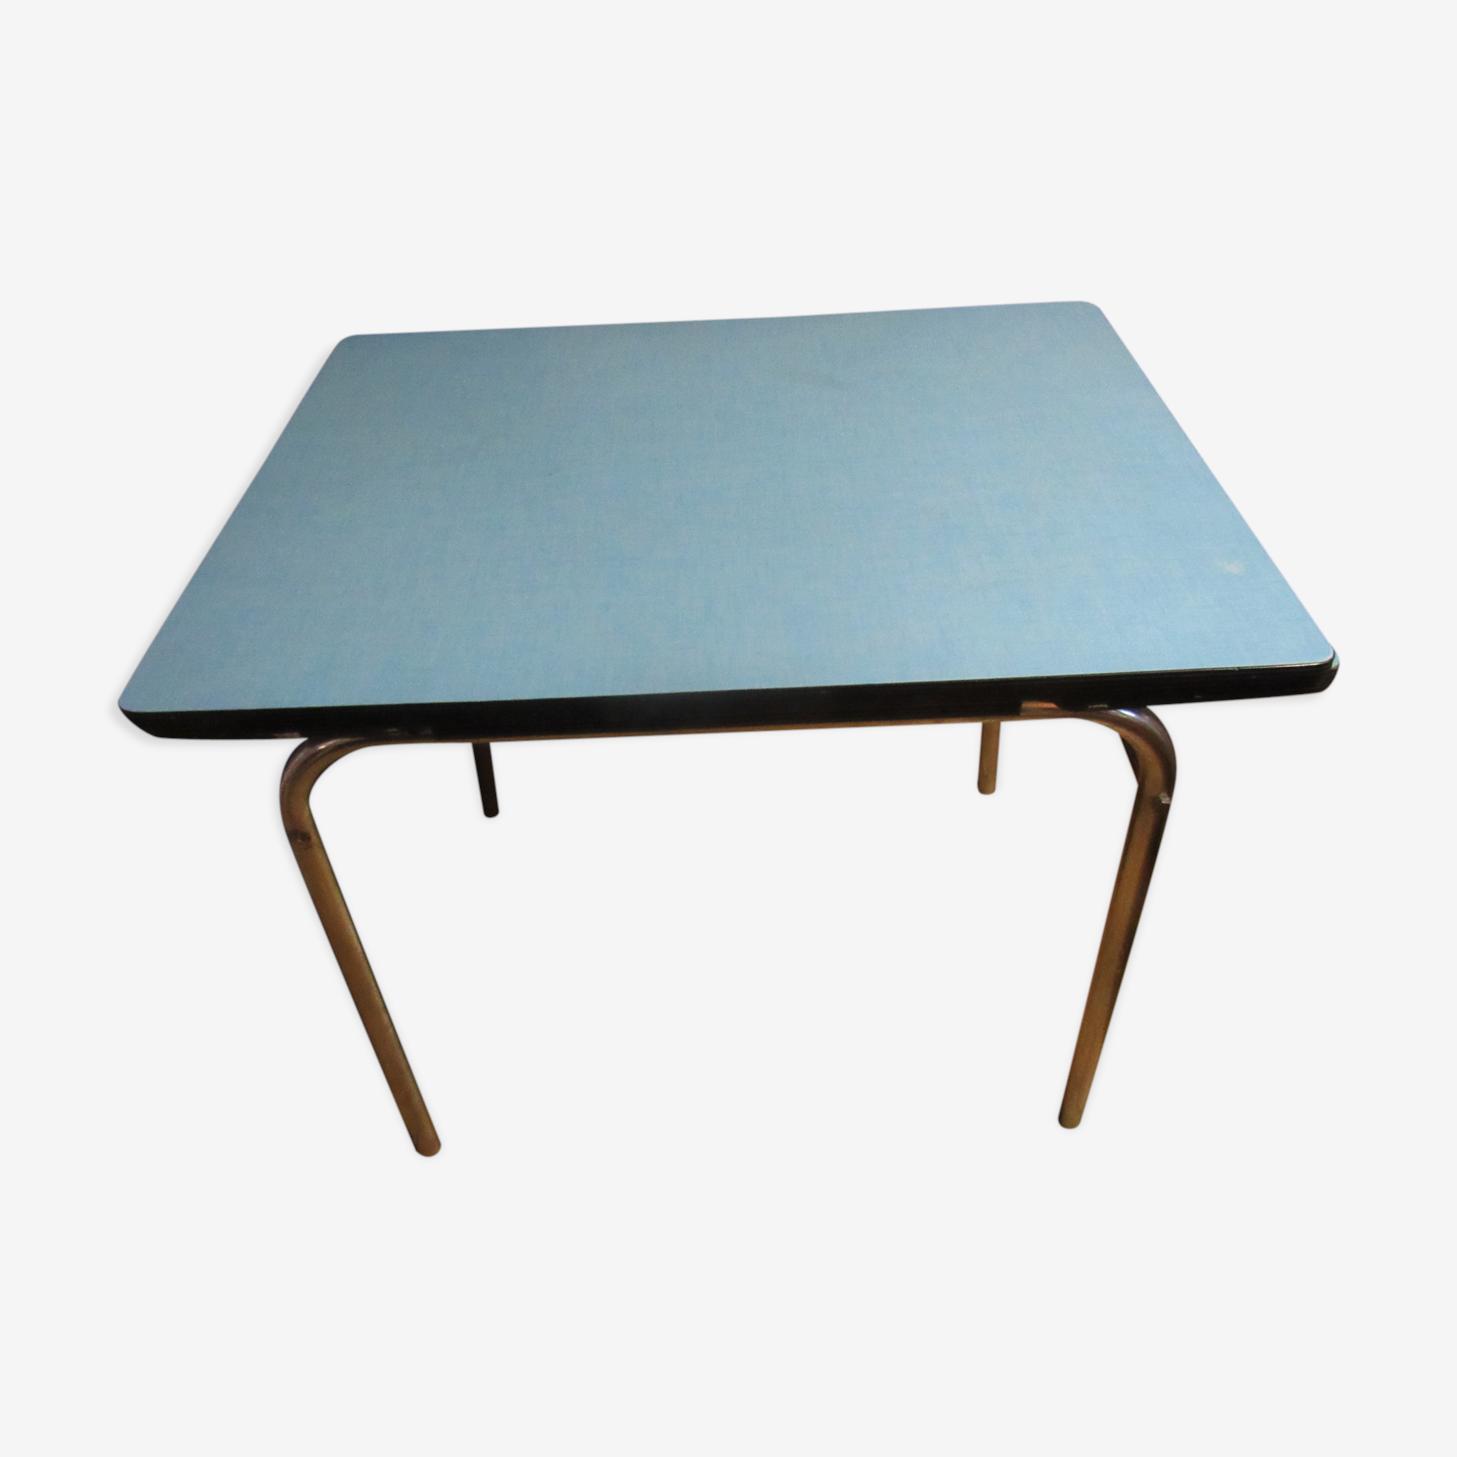 Table En Formica Bleu Formica Bleu Vintage 3eyte4p